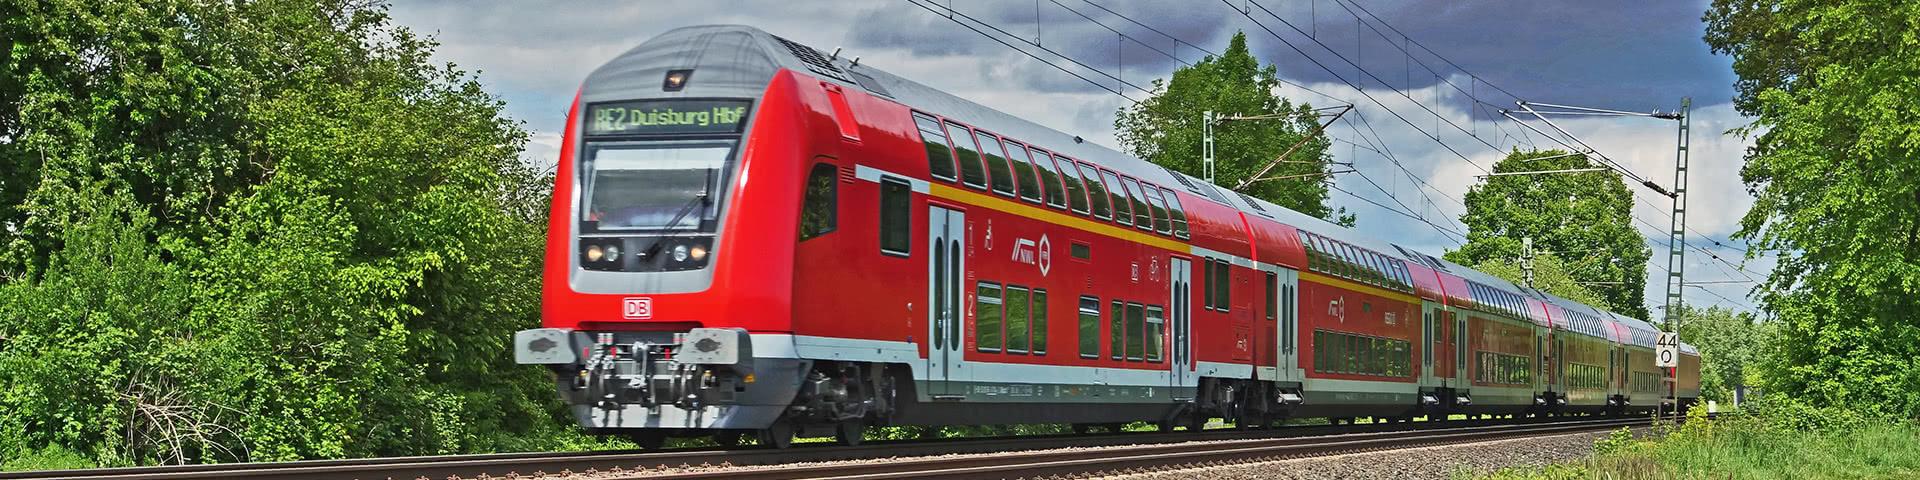 Zug der Deutschen Bahn auf Schienen mit Bäumen rechts und links